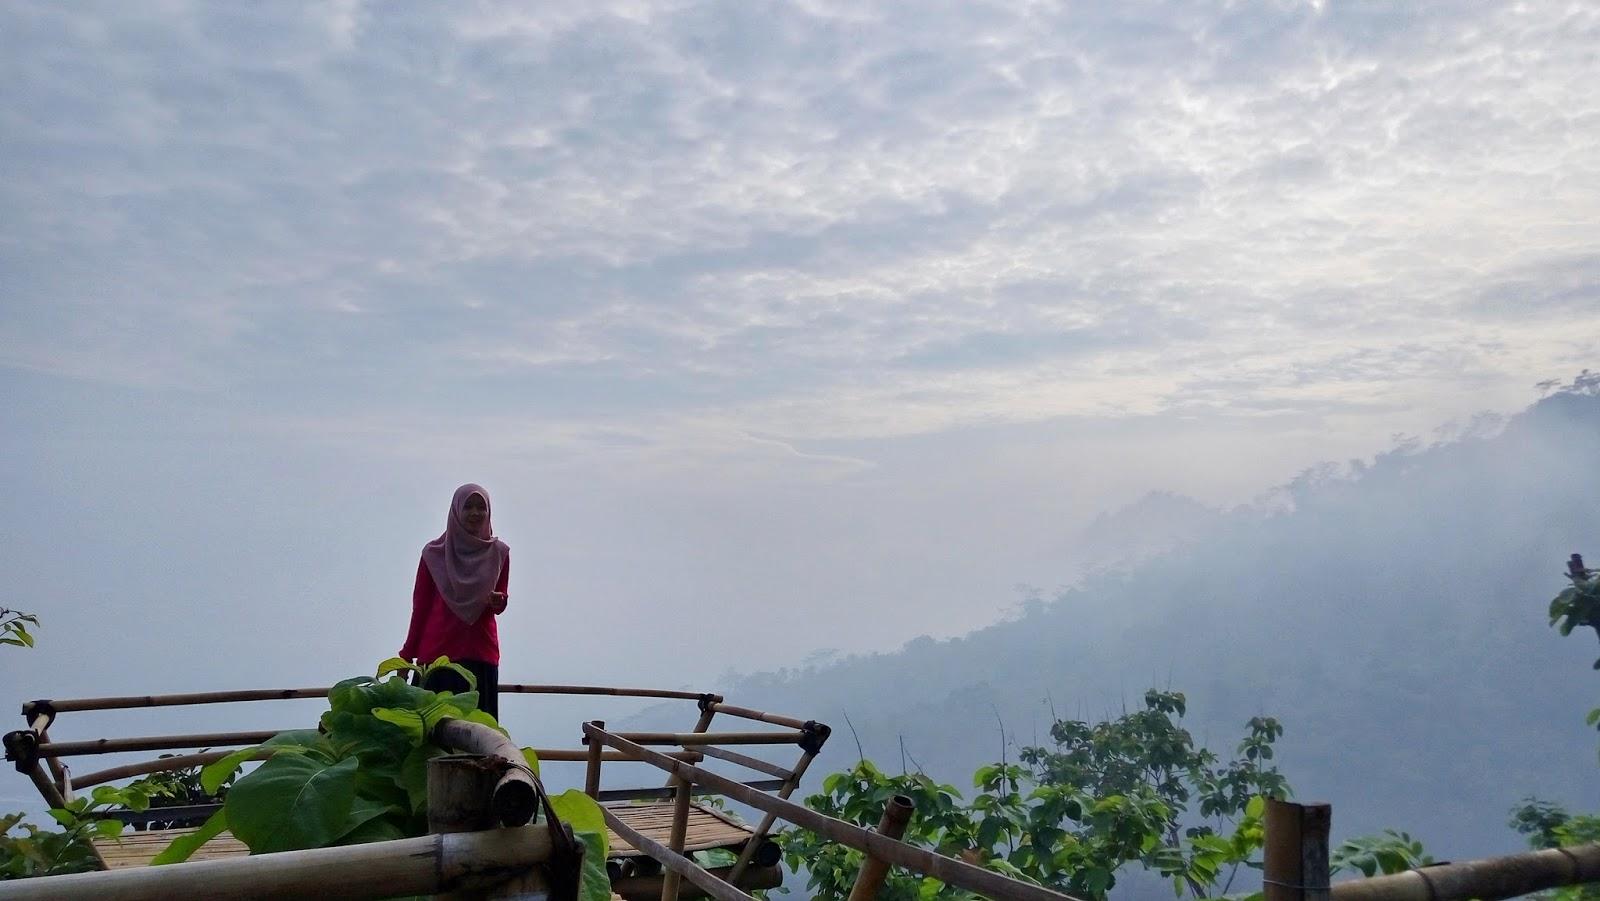 Obyek Wisata Punthuk Kendil Magelang Jawa Tengah Fasilitas Gardu Pandang